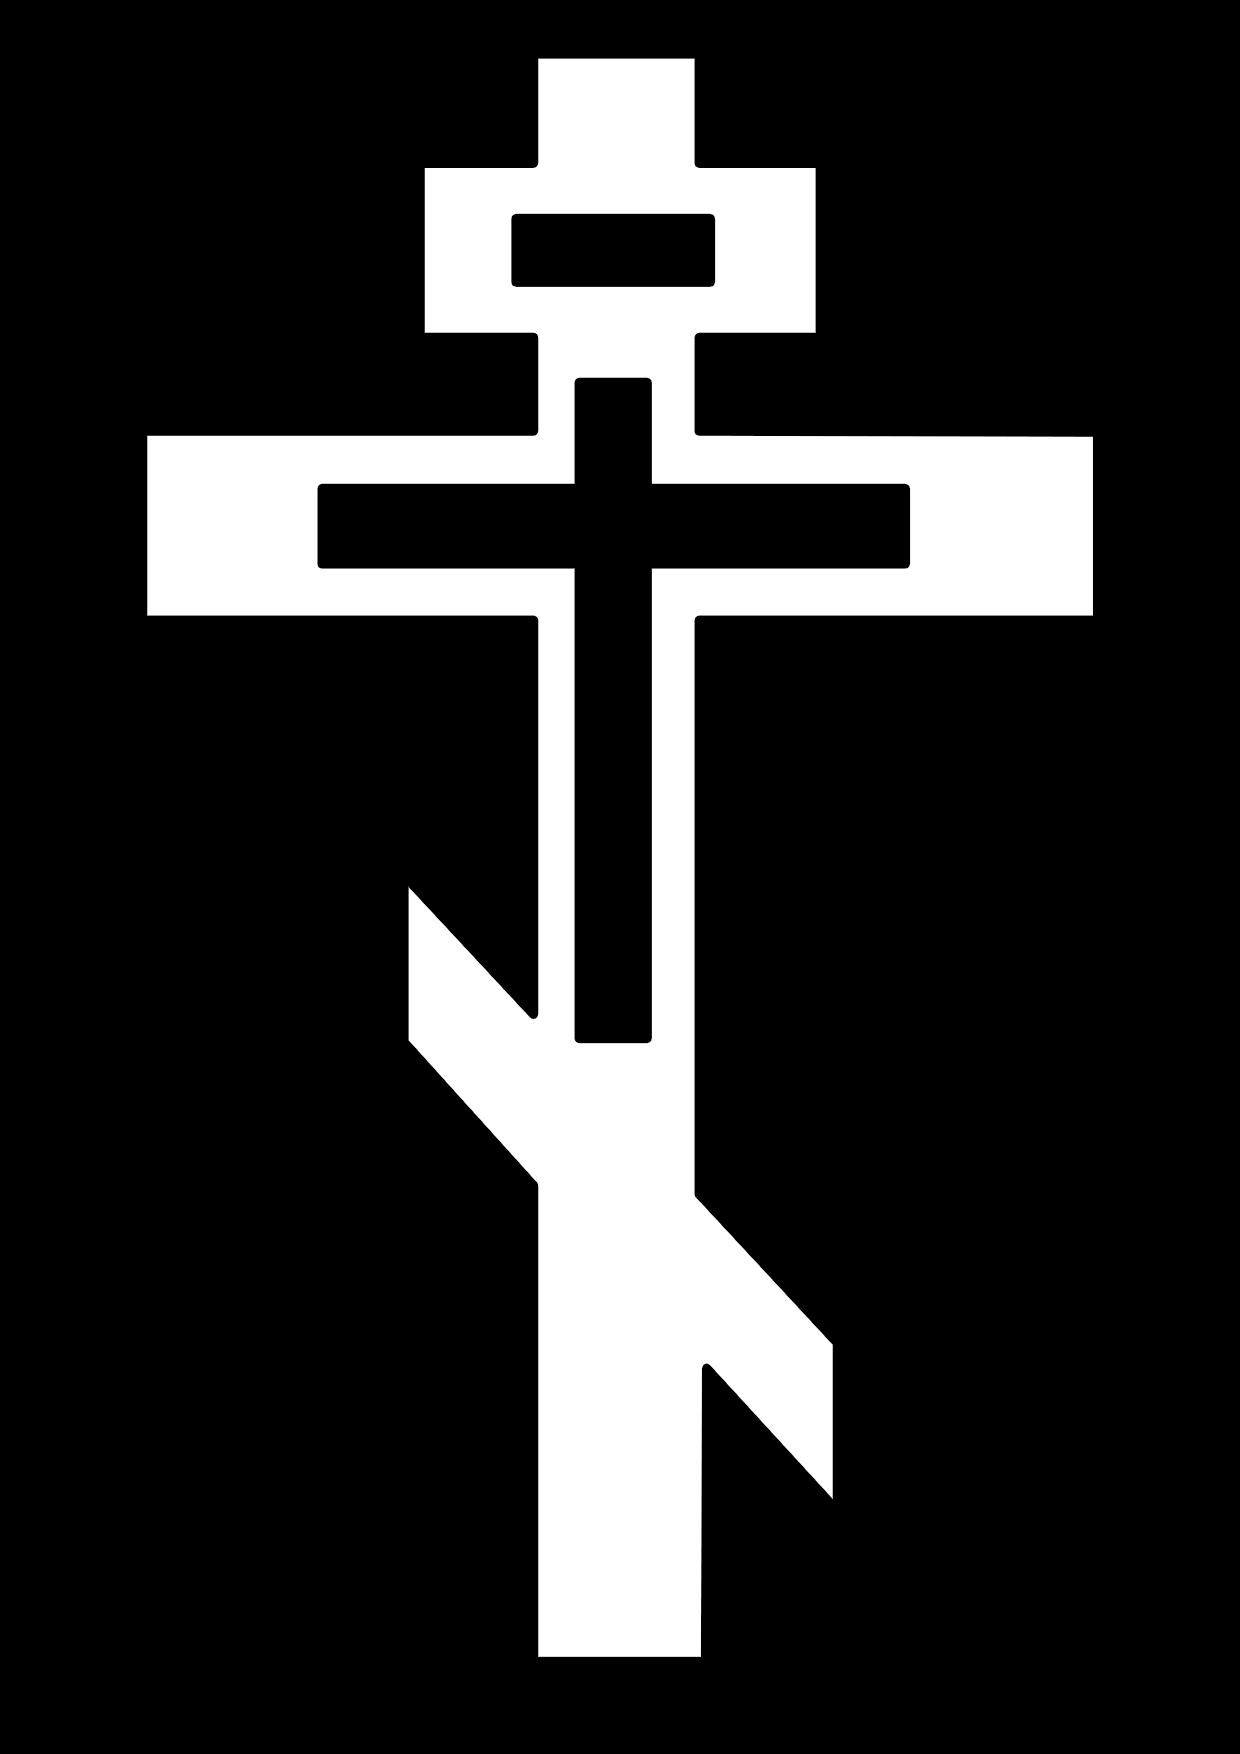 Cruz ortodoxa para colorear también conocida como cruz rusa